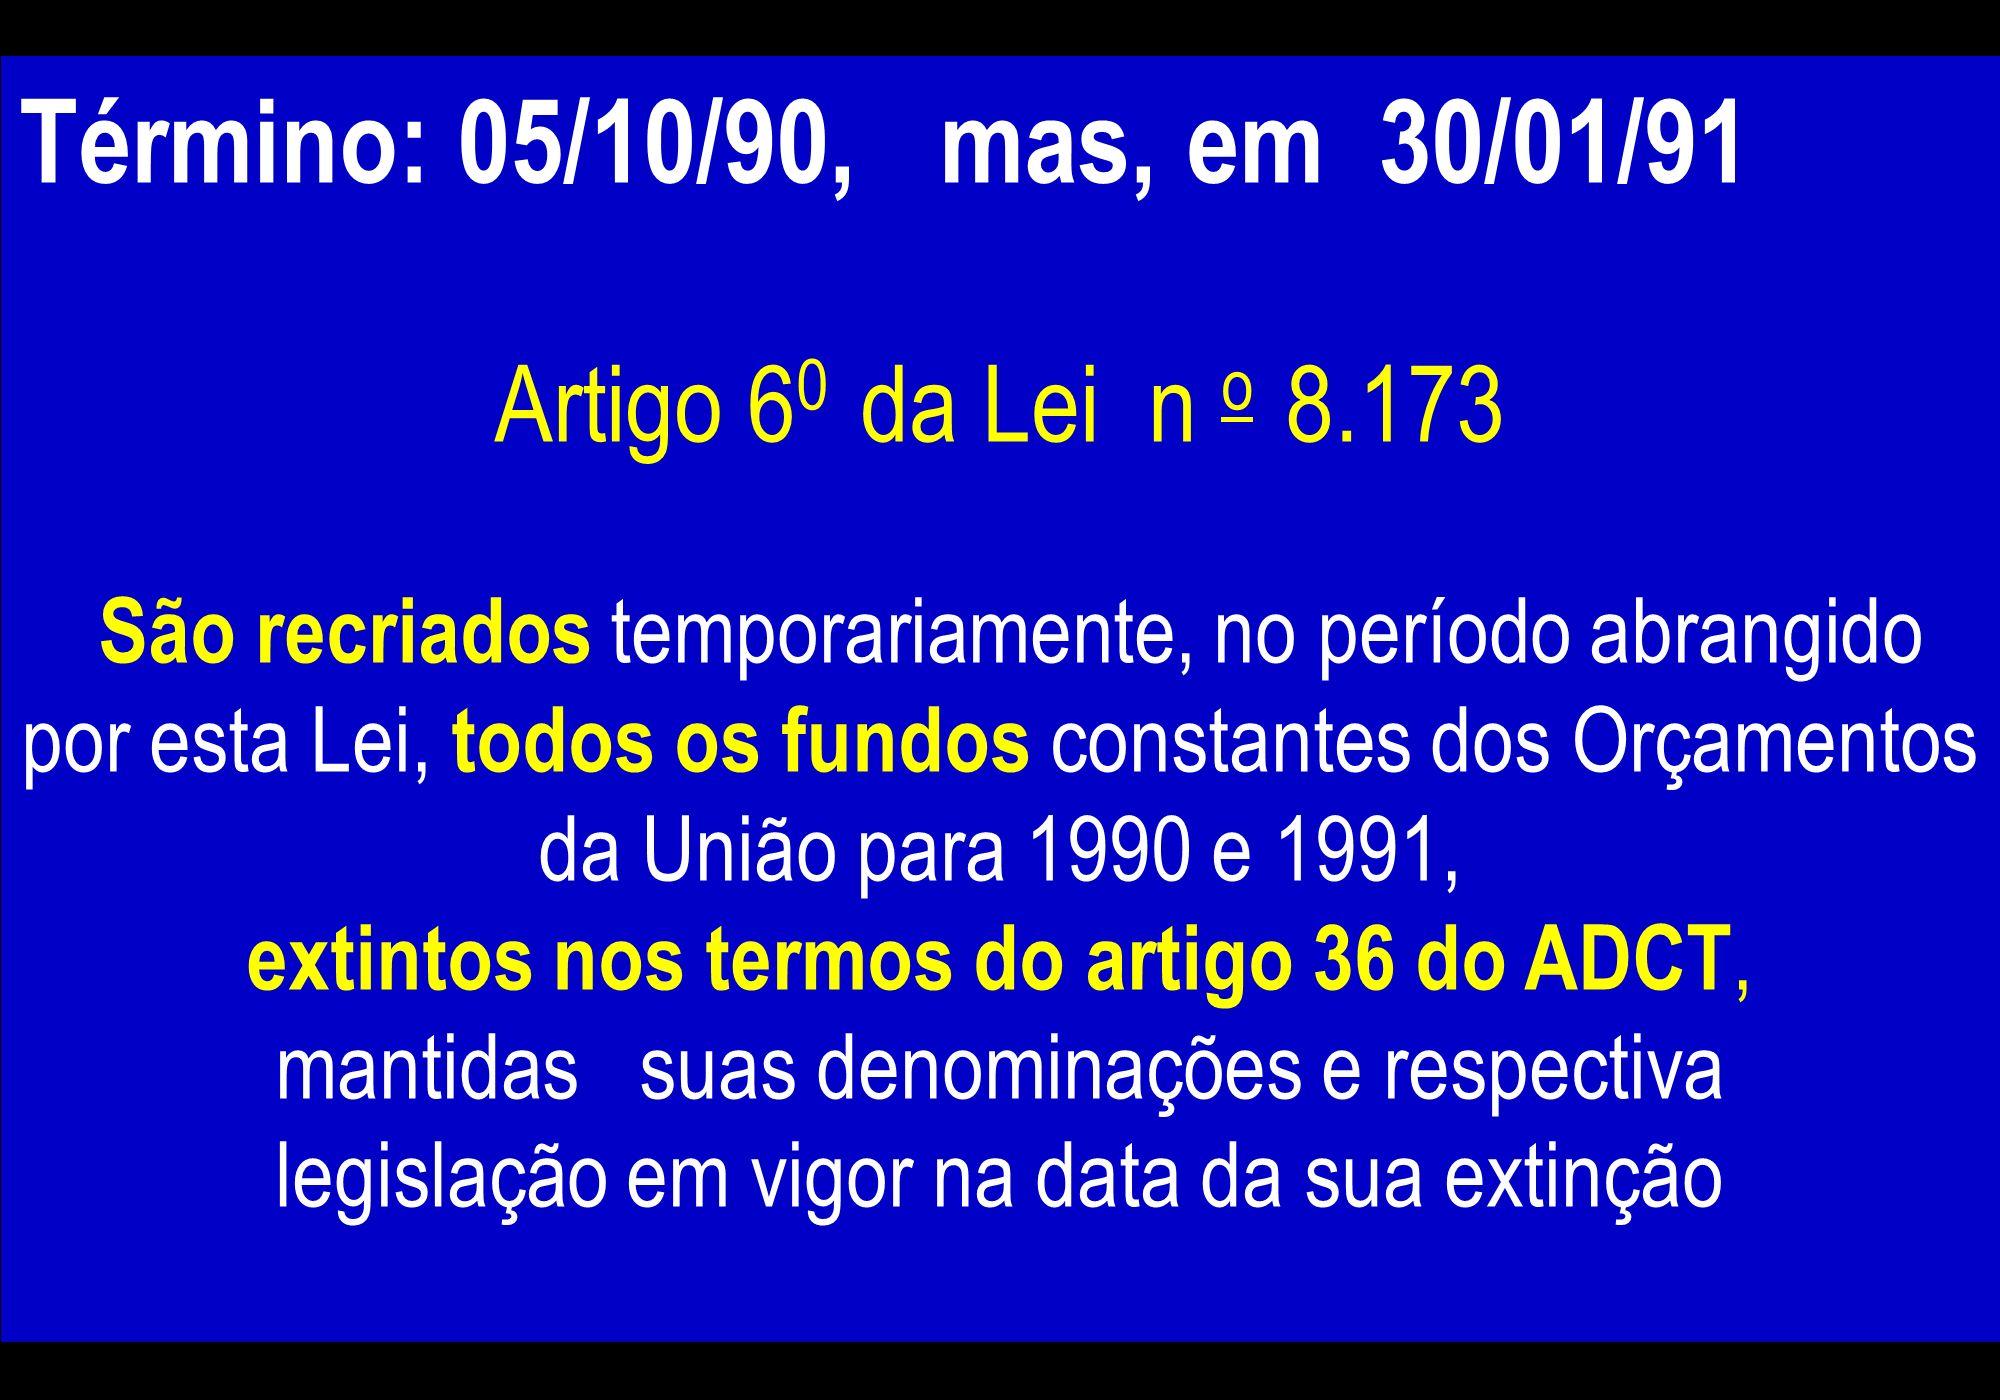 Término: 05/10/90 Término: 05/10/90, mas, em 30/01/91